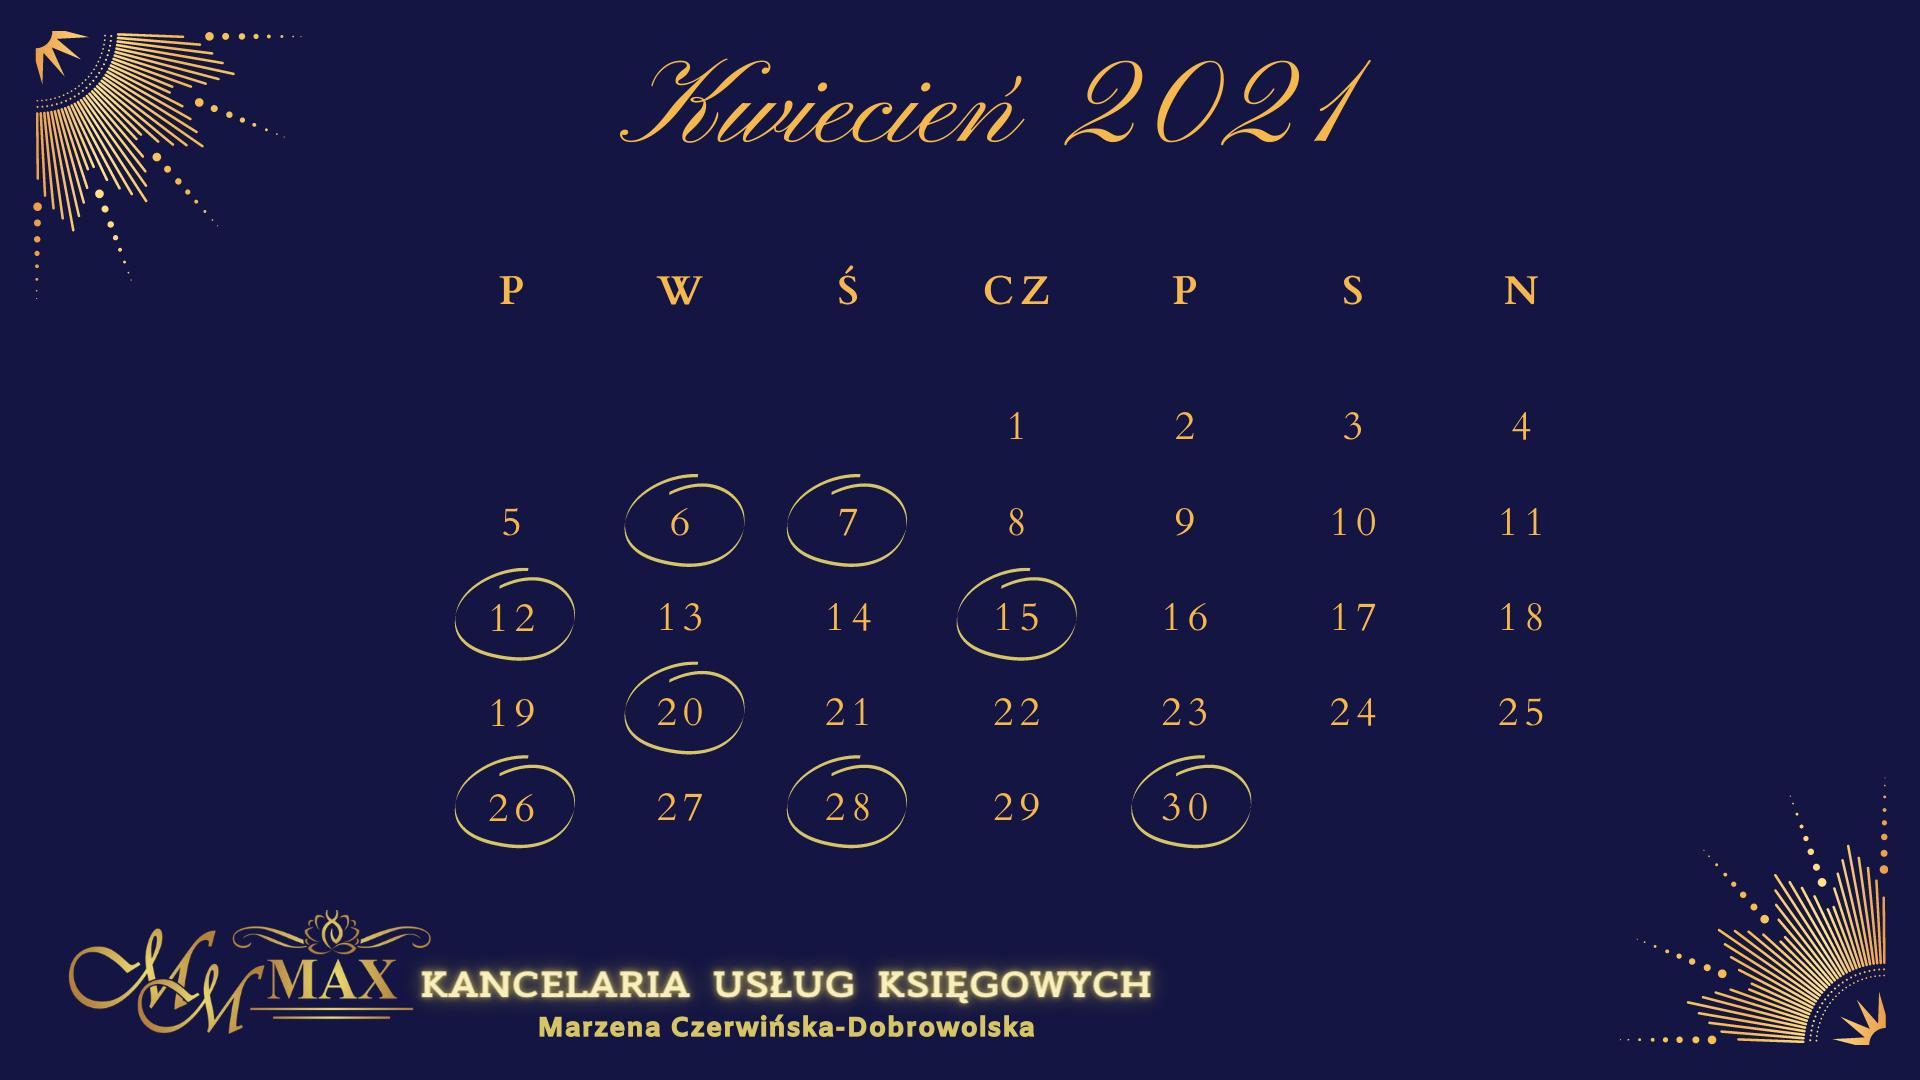 Kalendarz podatkowo-rachunkowy Kwiecień 2021